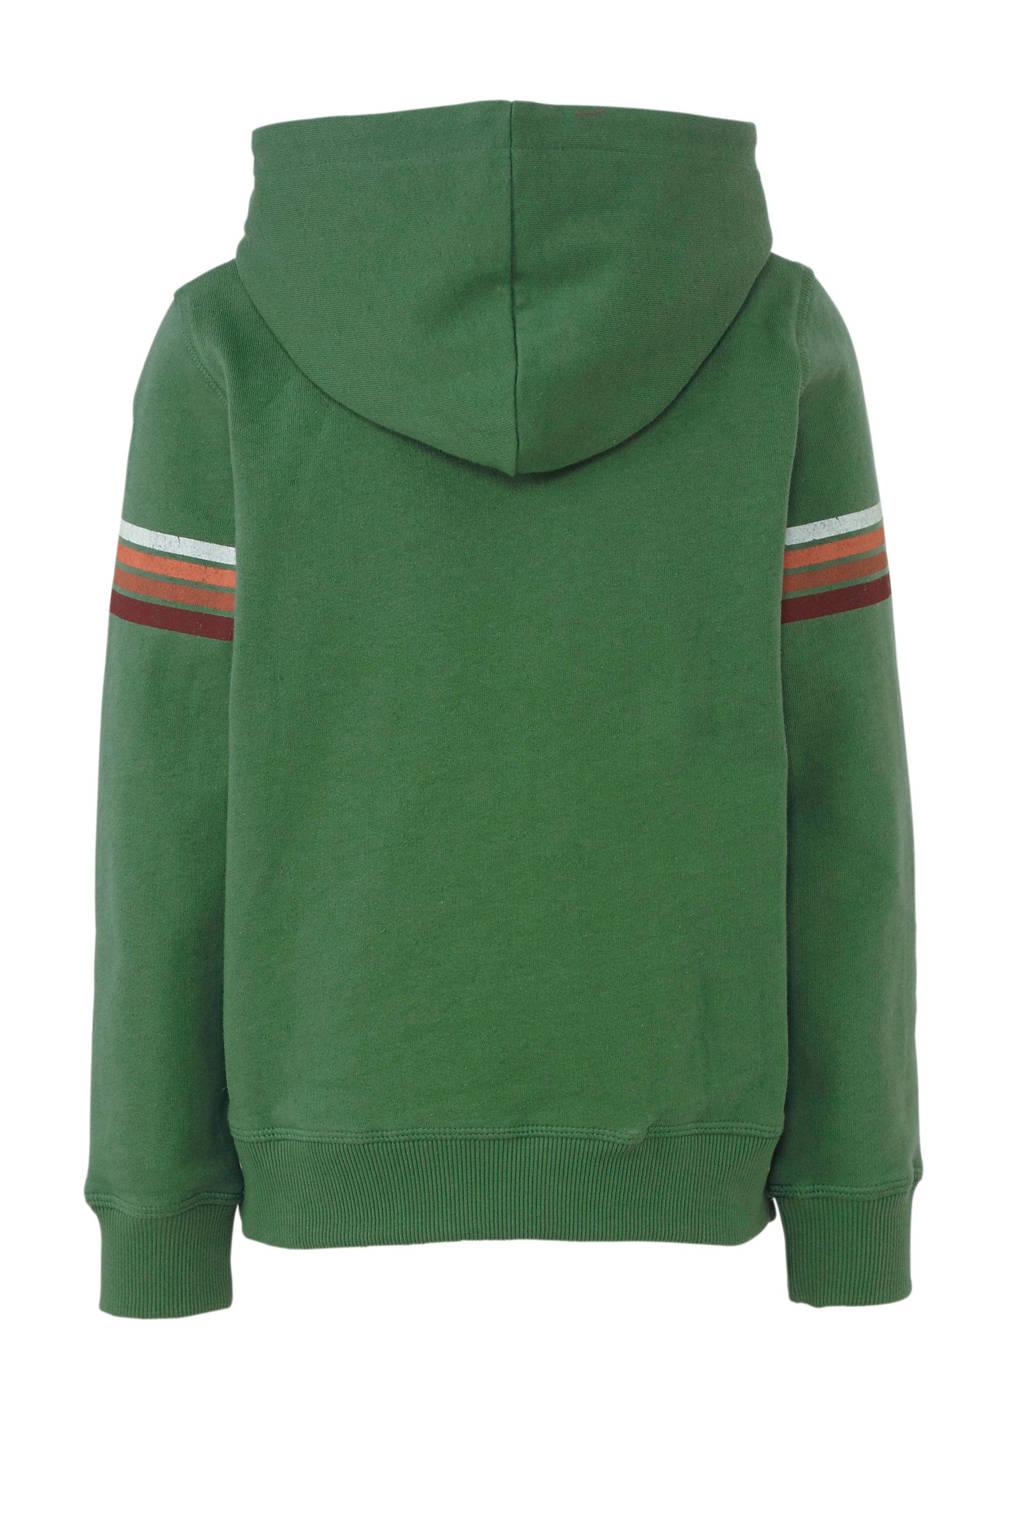 Pepe Jeans hoodie Maximus met logo groen, Groen